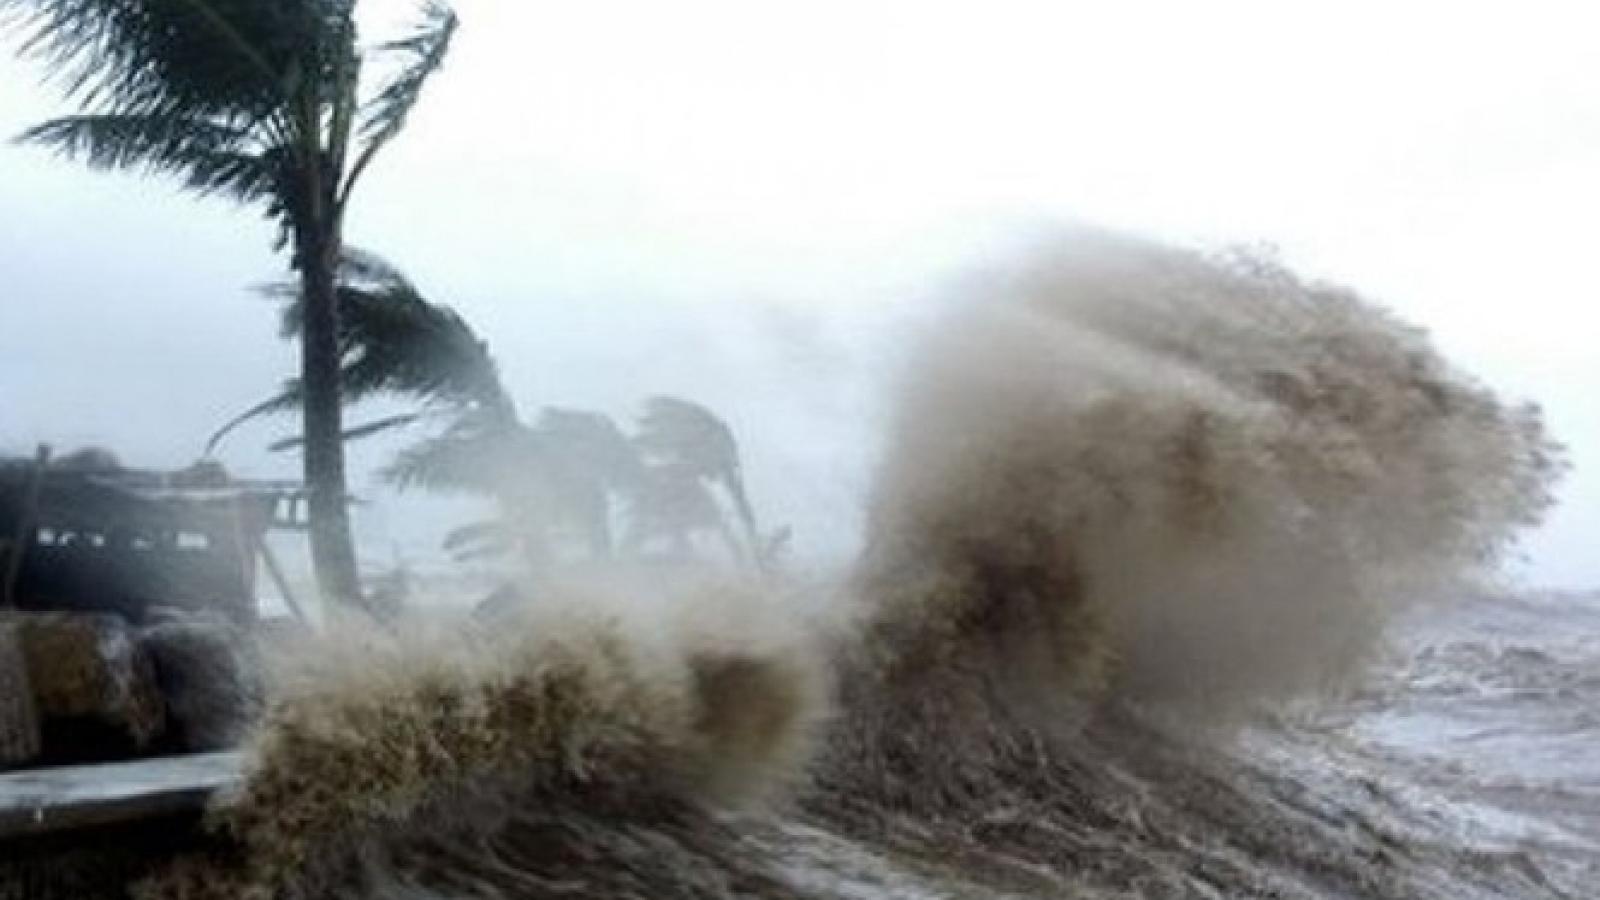 Áp thấp nhiệt đới có khả năng mạnh lên thành bão giữa Biển Đông